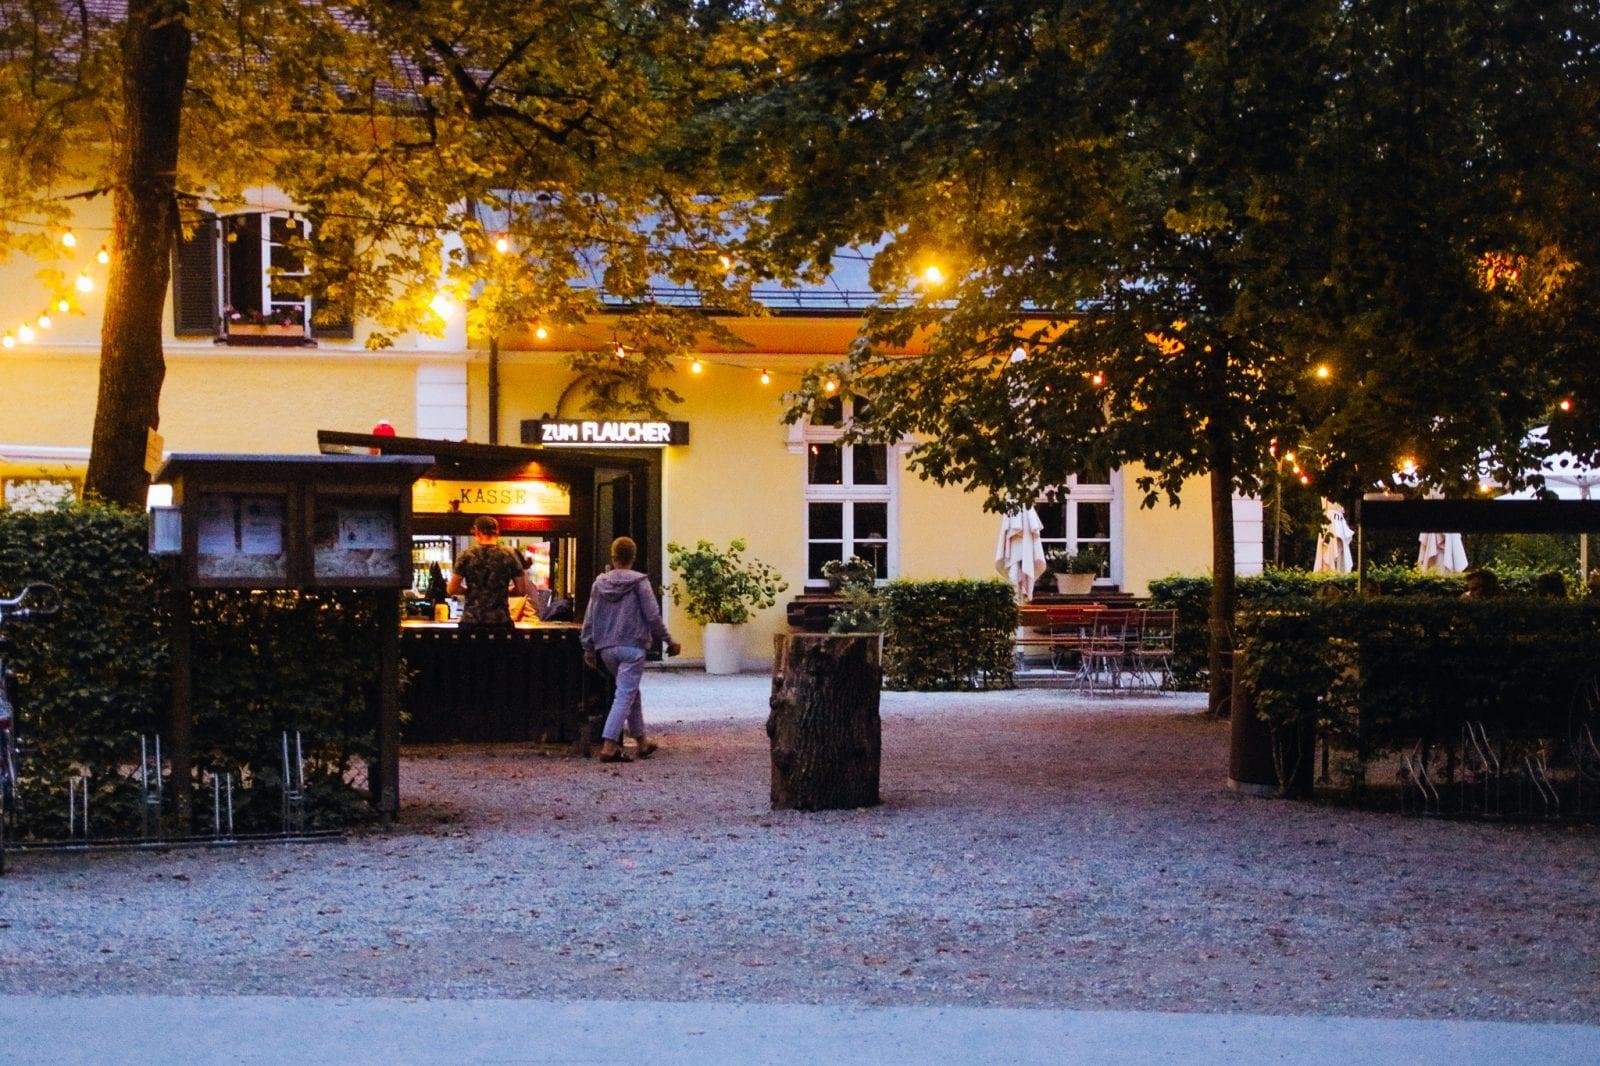 Biergarten Zum Flaucher